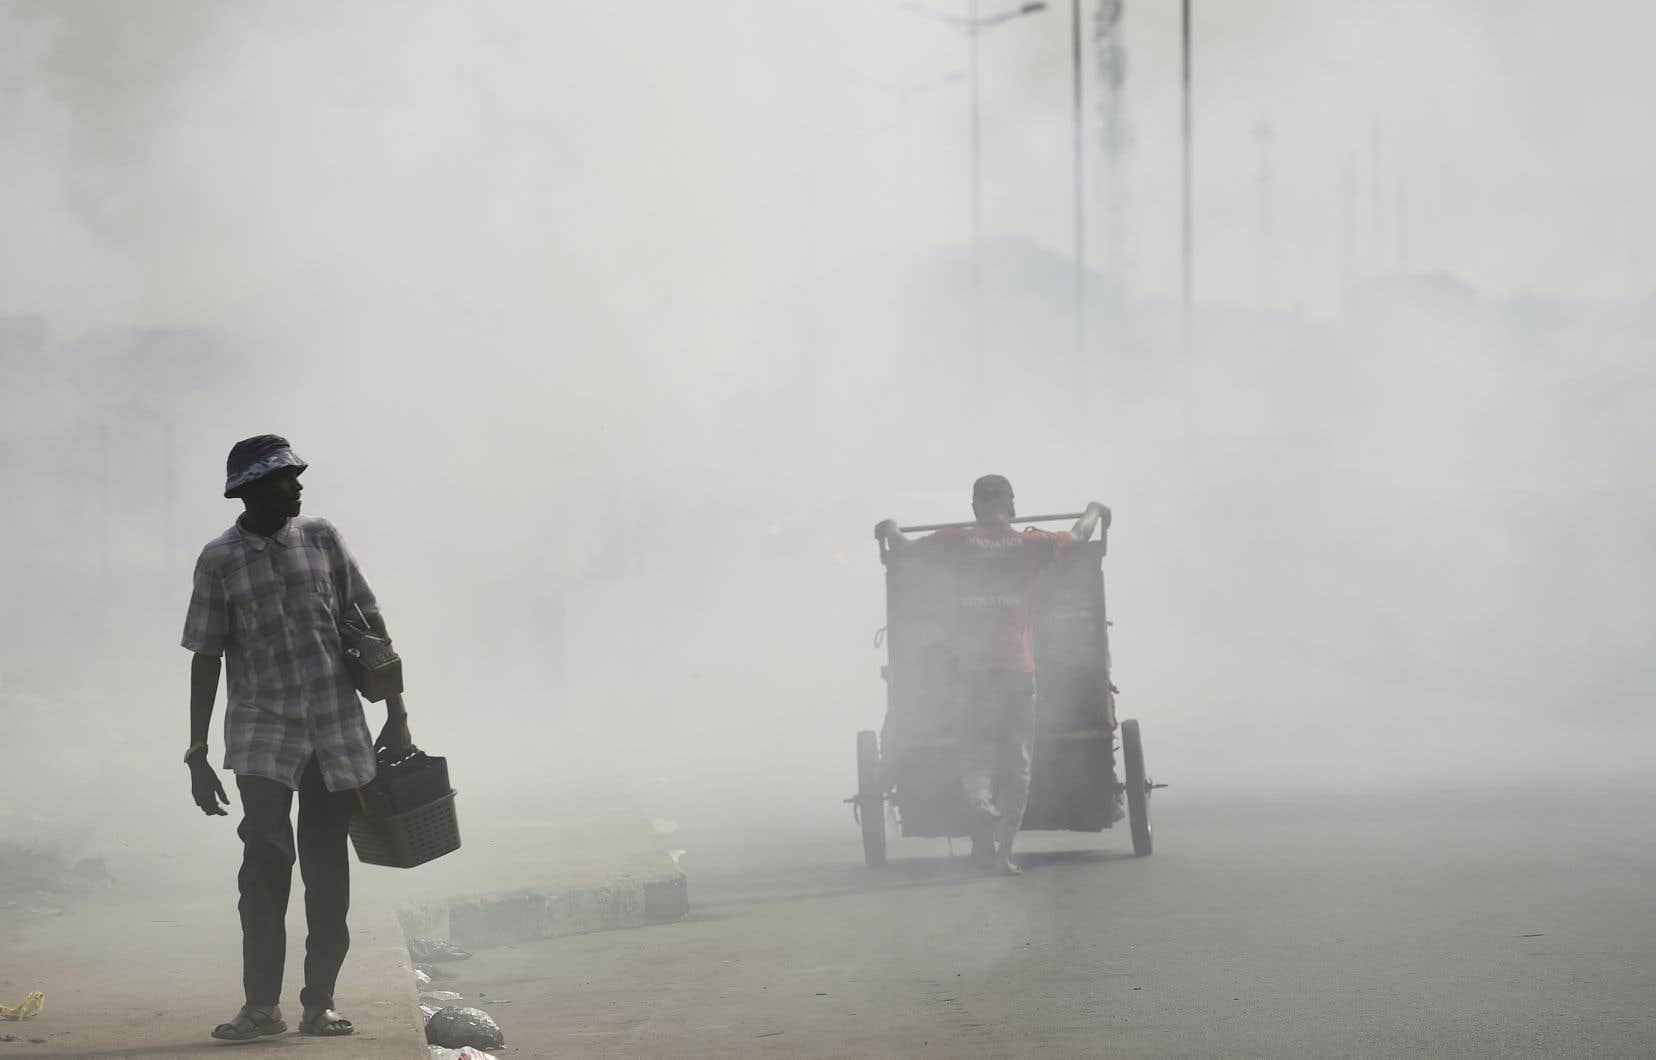 <p>Selon le rapport, plus de 90 % des décès liés à la pollution se produisent dans les pays à revenus faibles ou moyens, principalement en Asie et en Afrique.</p>